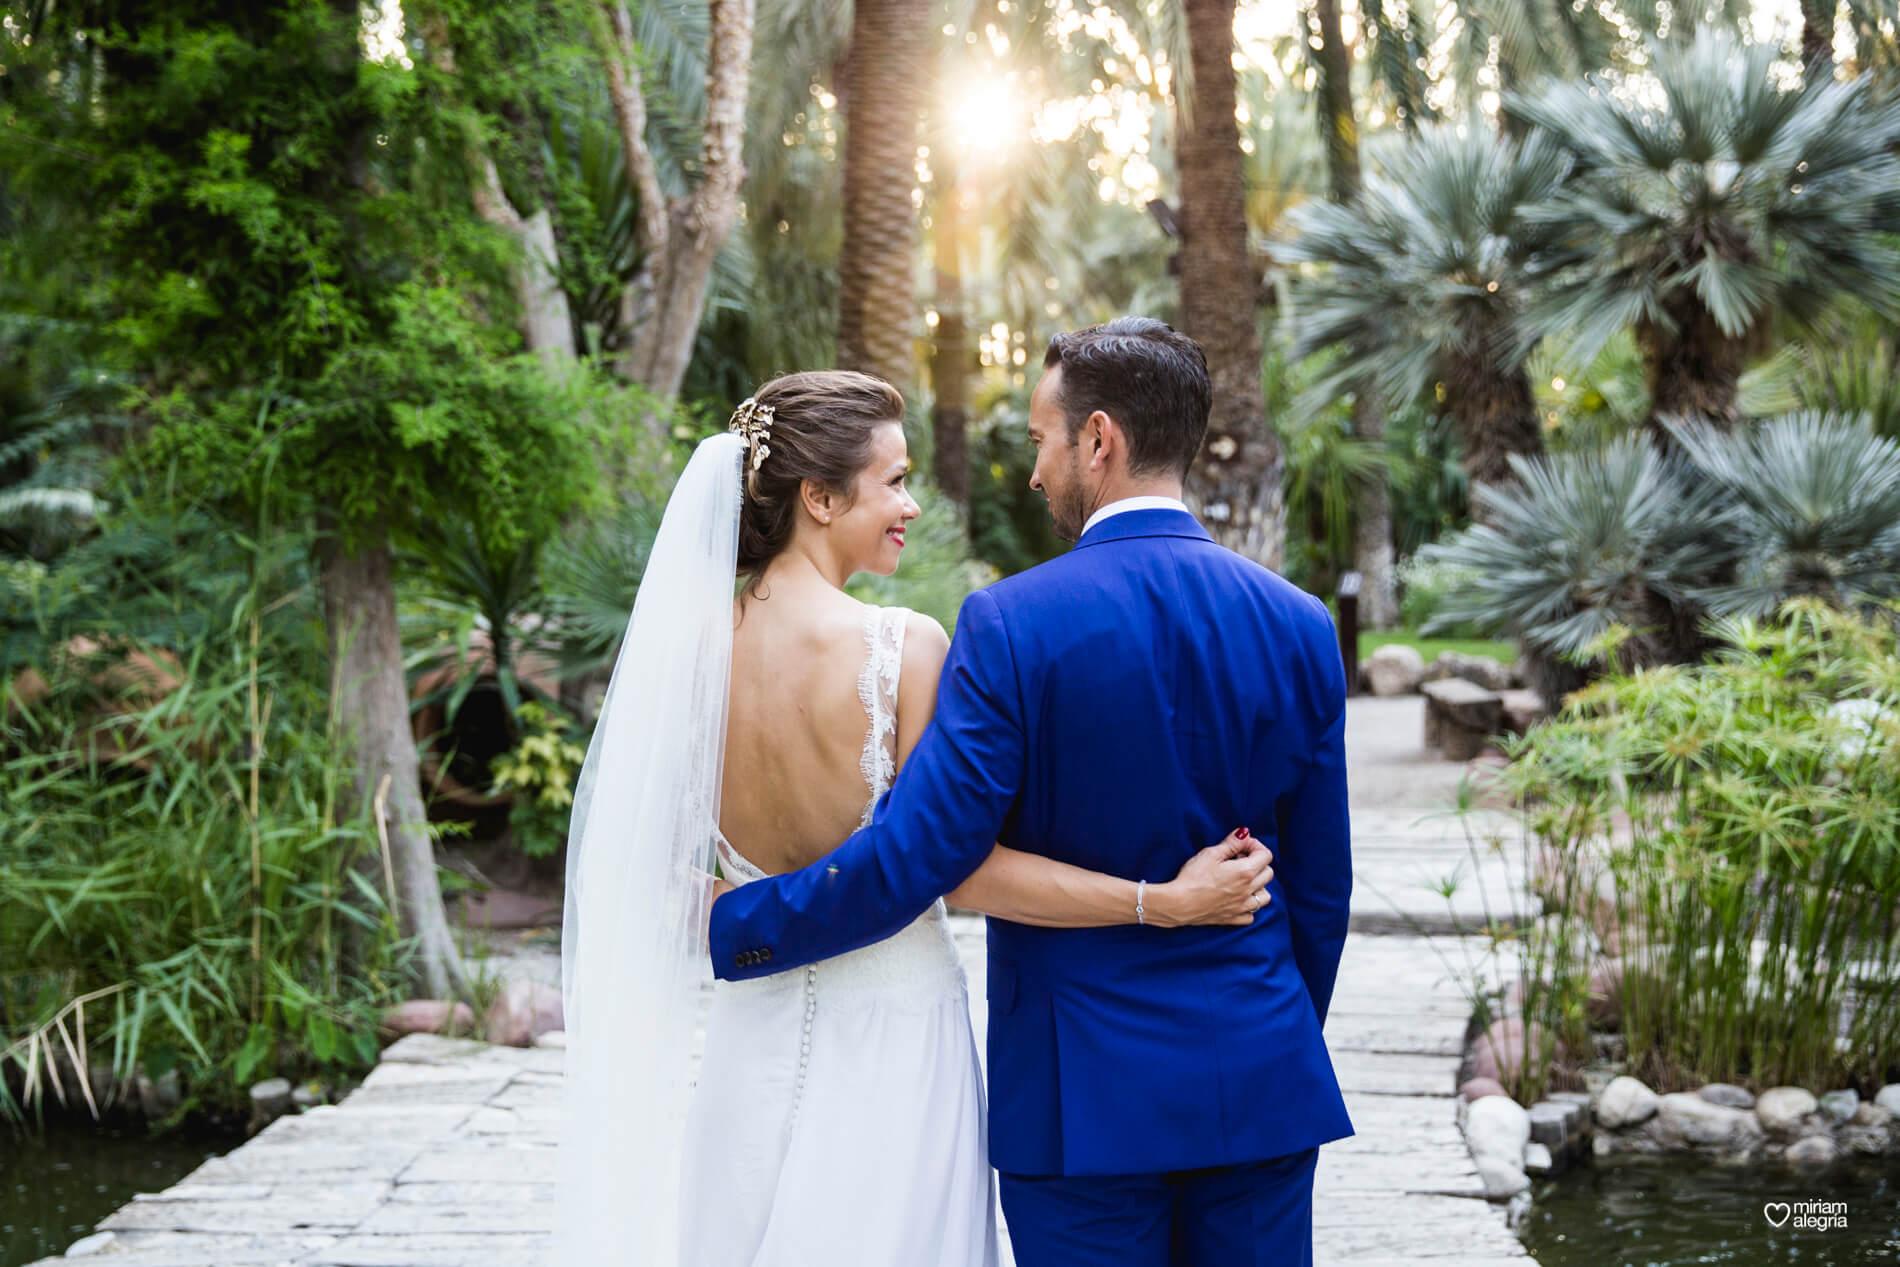 wedding-huerto-del-cura-elche-miriam-alegria-fotografos-boda-32